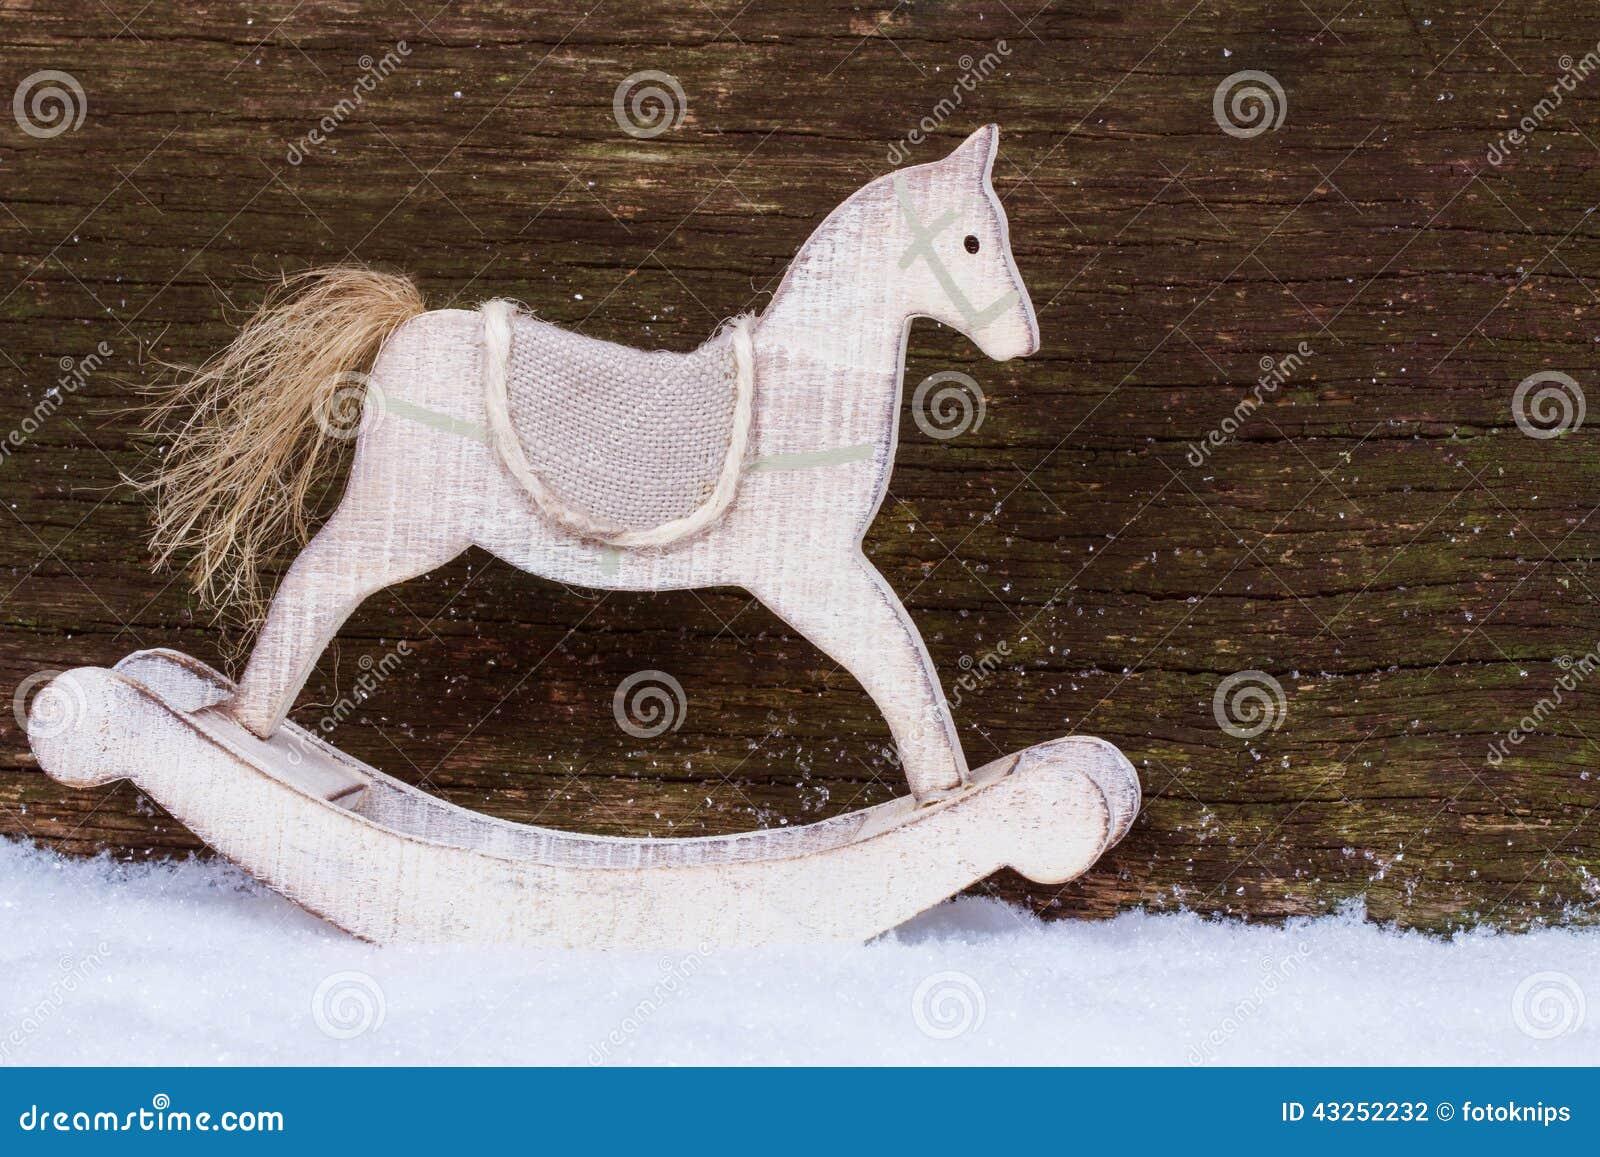 Cavallo A Dondolo Legno Natale.Cavallo A Dondolo Nella Neve Fotografia Stock Immagine Di